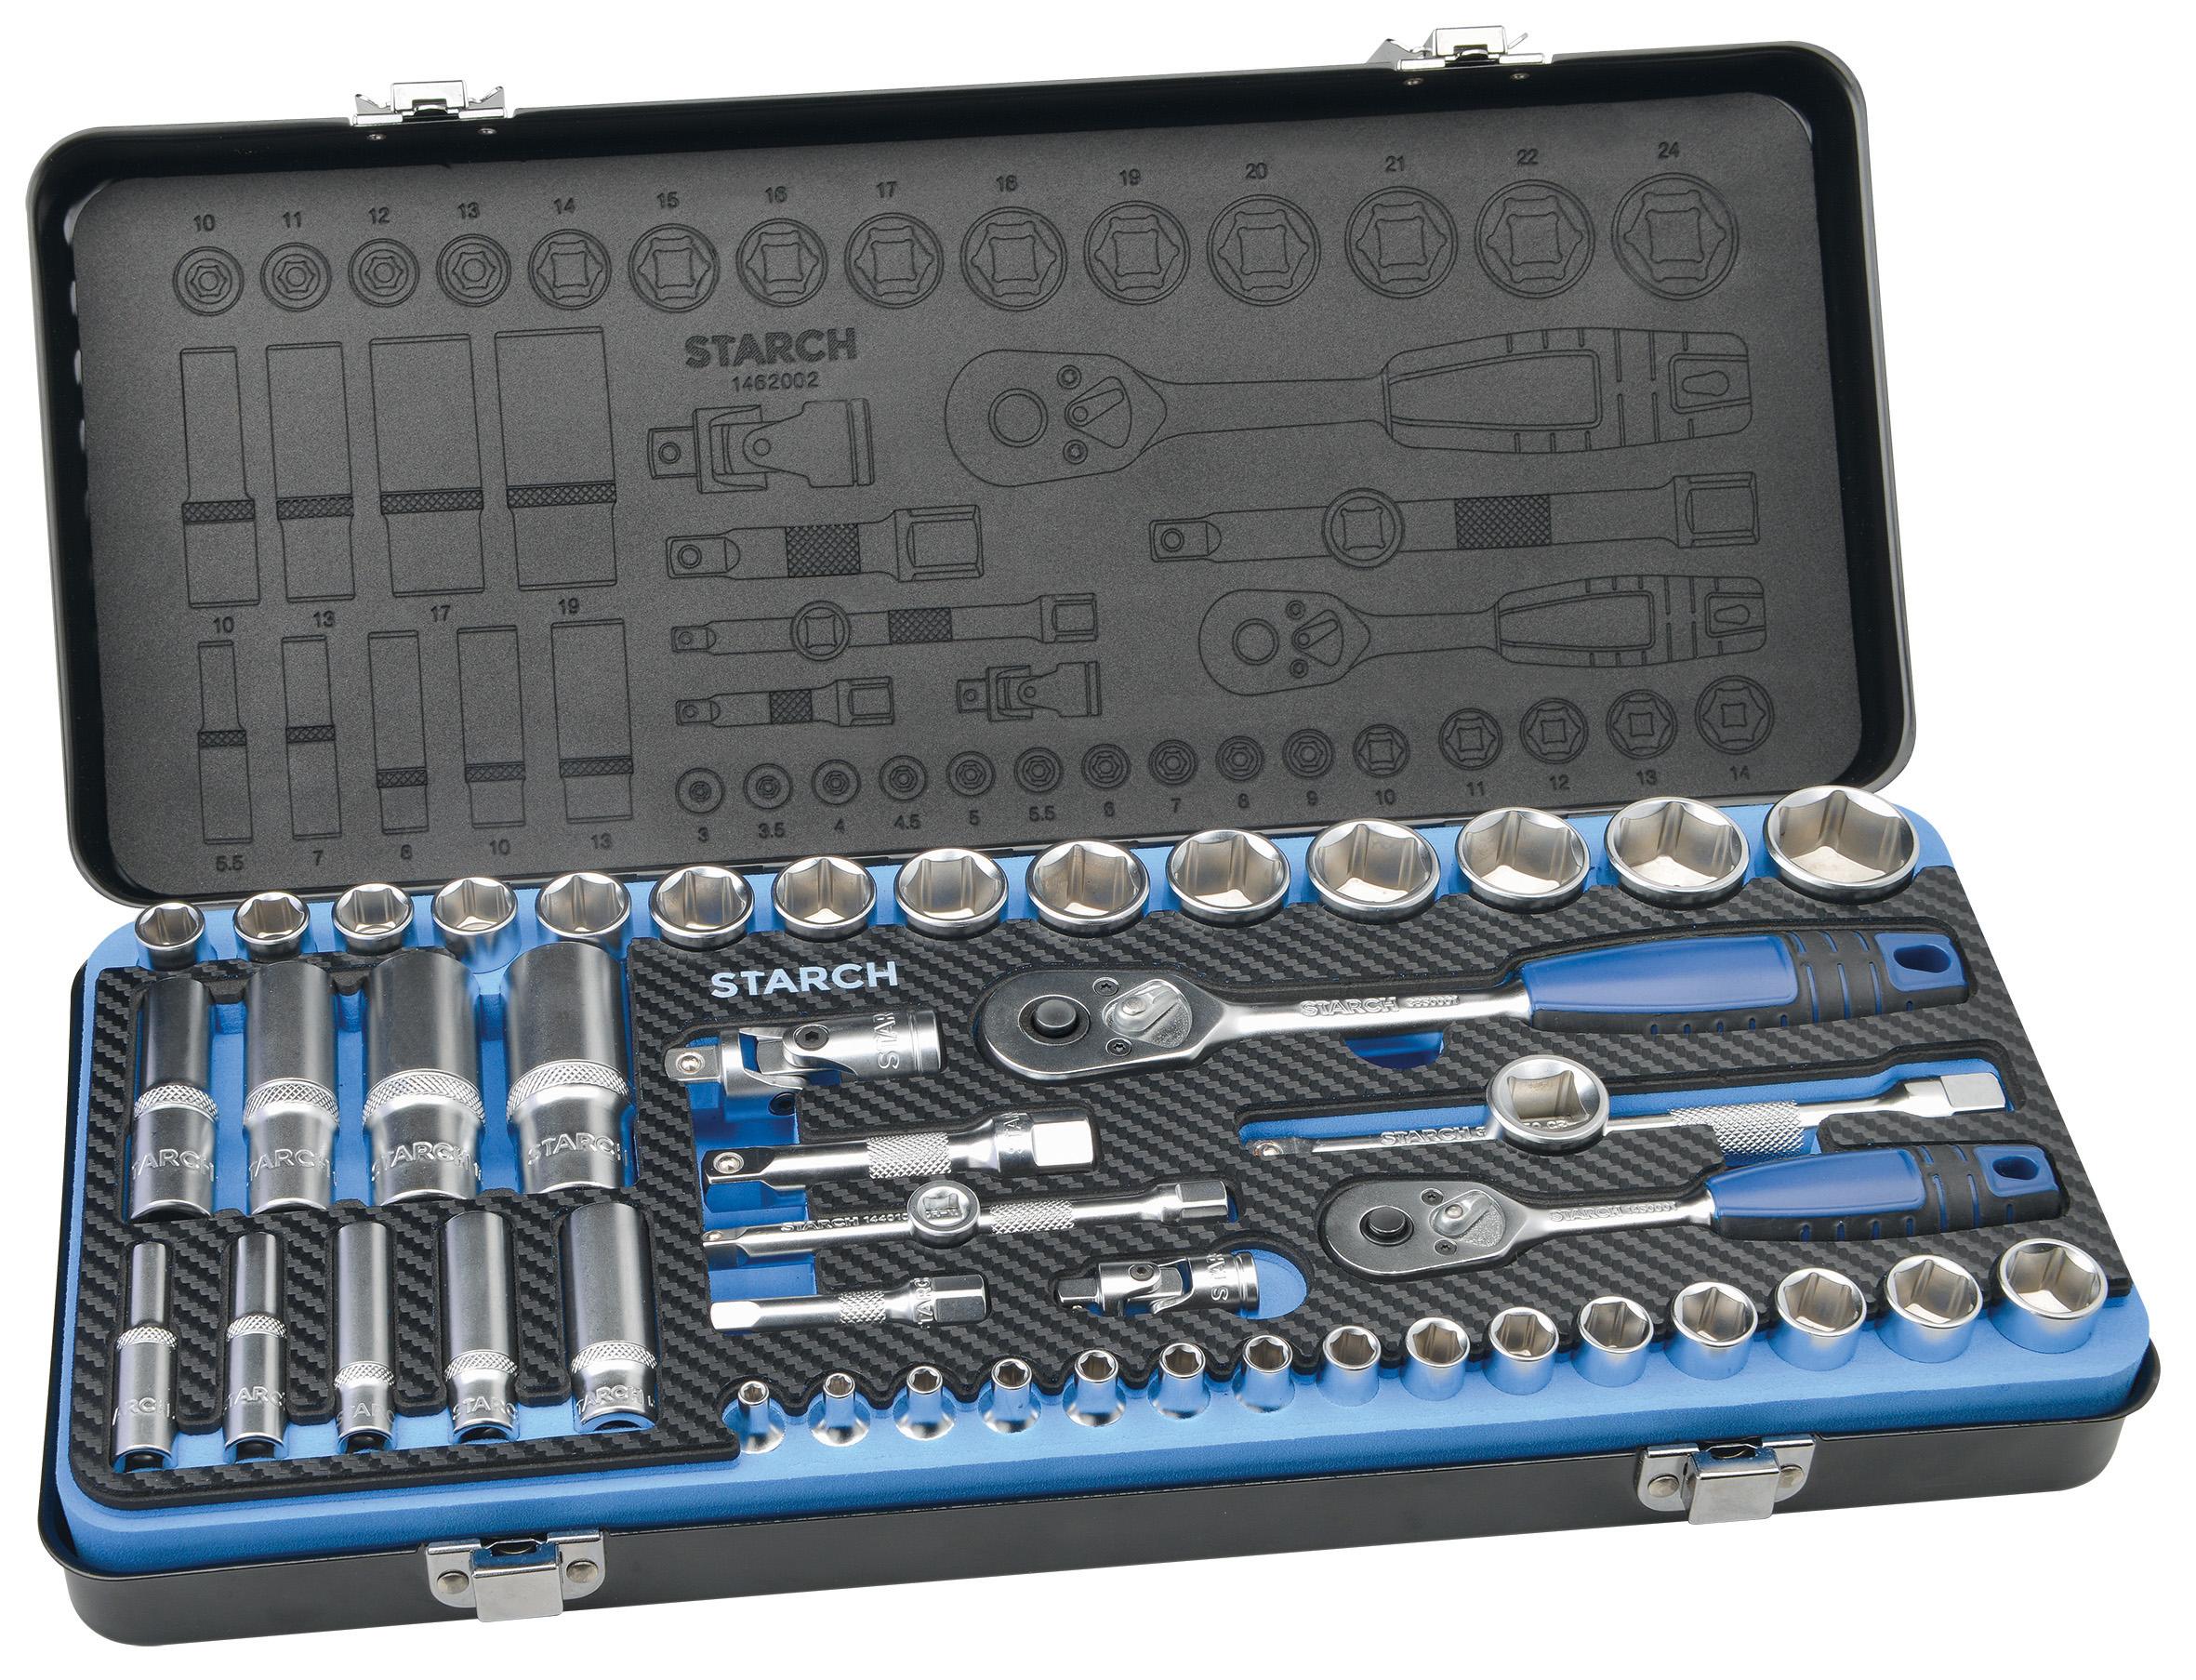 Steckschlüsselsatz 1/4 Zoll + 3/8 Zoll in Metallbox, 48-teilig Image